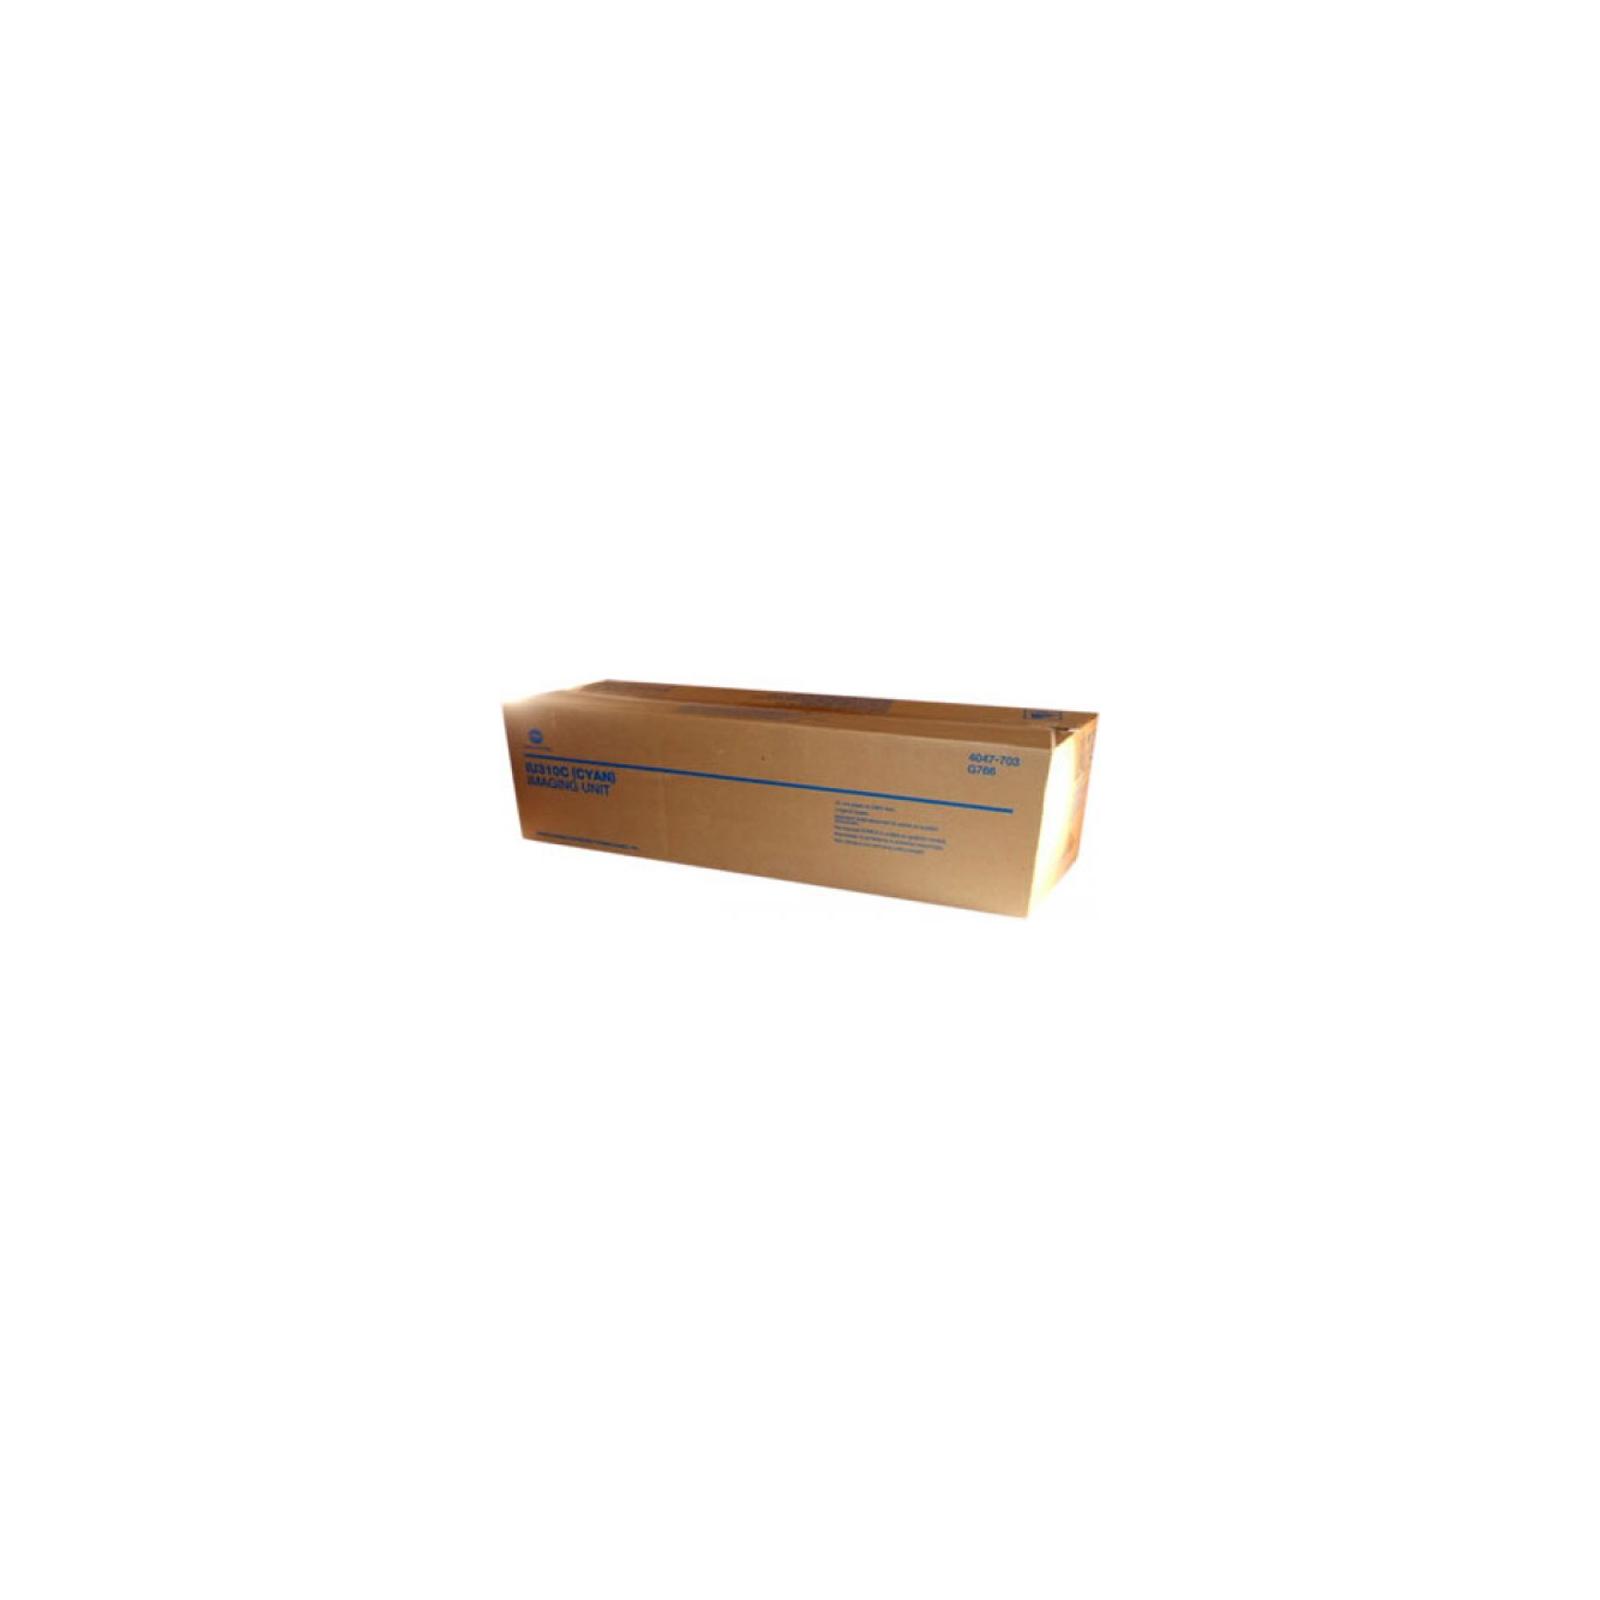 Блок переноса изображения KONICA MINOLTA IU-310C Imaging Unit Cyan (для Bizhub C350/С450) (4047703)